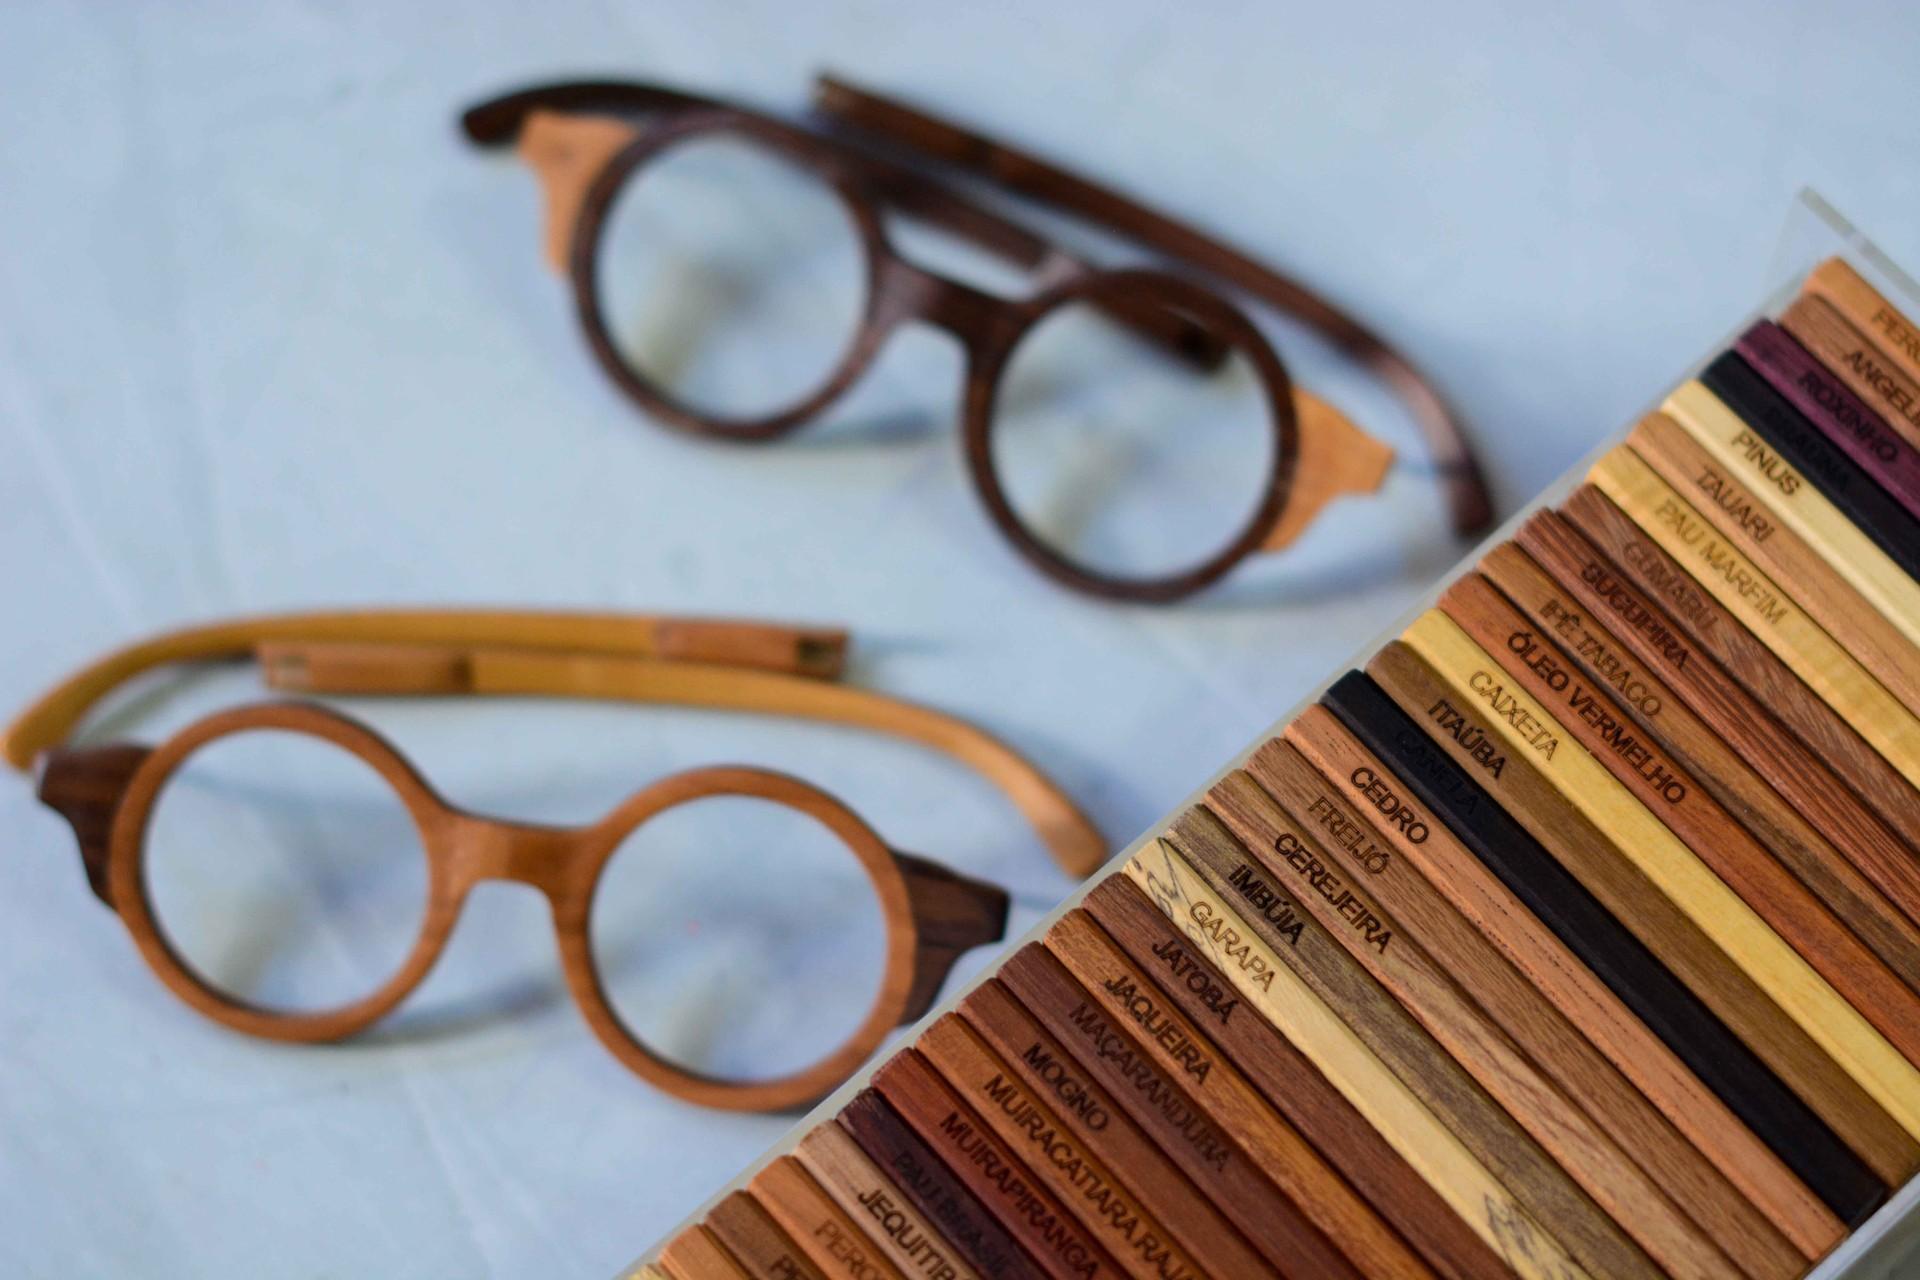 Farm lança linha de óculos eco friendly em parceria com Zerezes  #9F732C 1920x1280